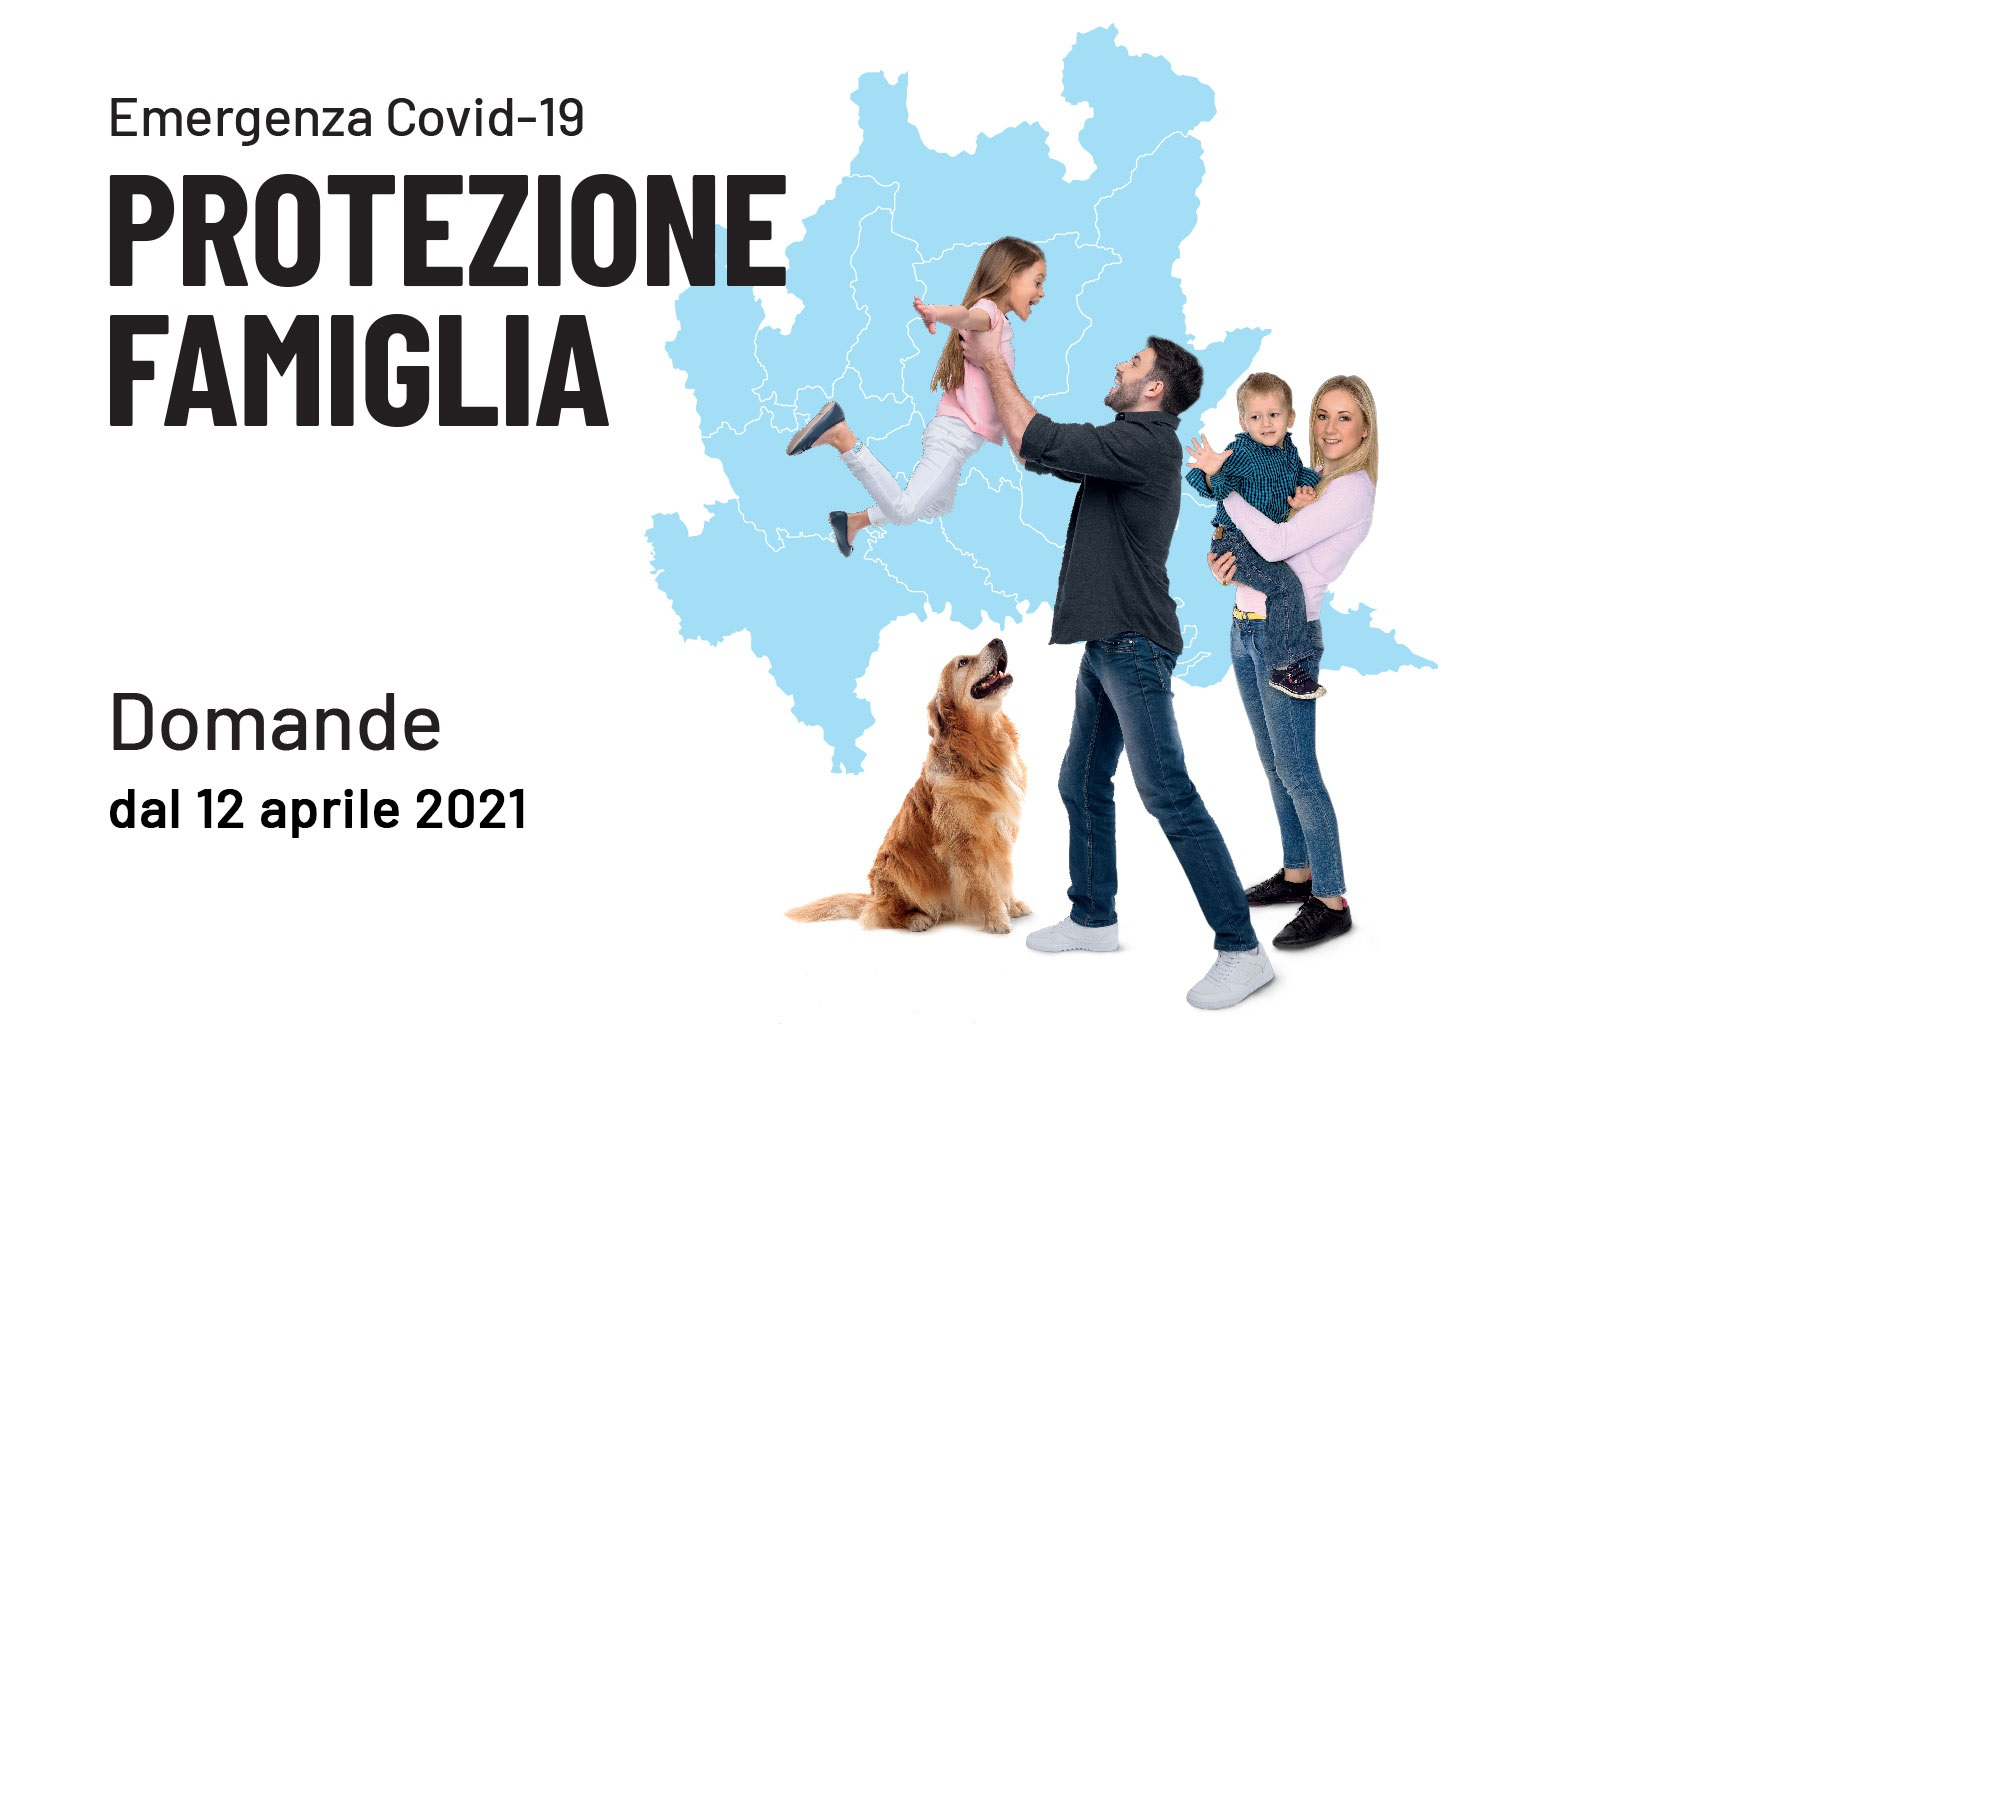 Protezione famiglia - Contributo (500€) per le famiglie